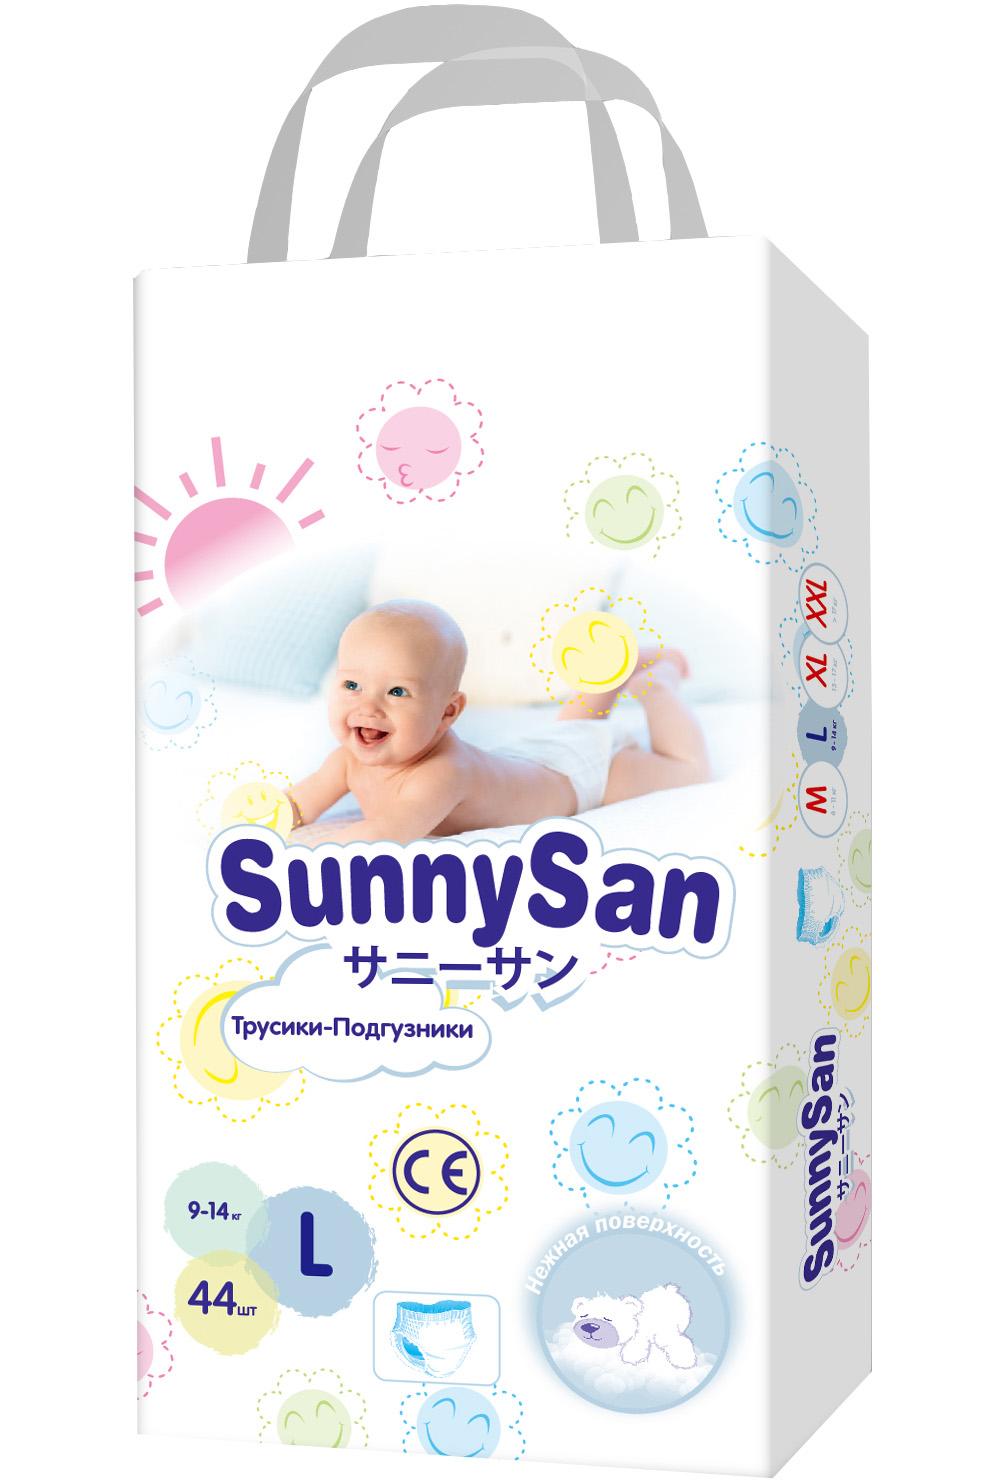 Купить Трусики-подгузники SunnySan L 9-14 кг 44 шт., Подгузники-трусики